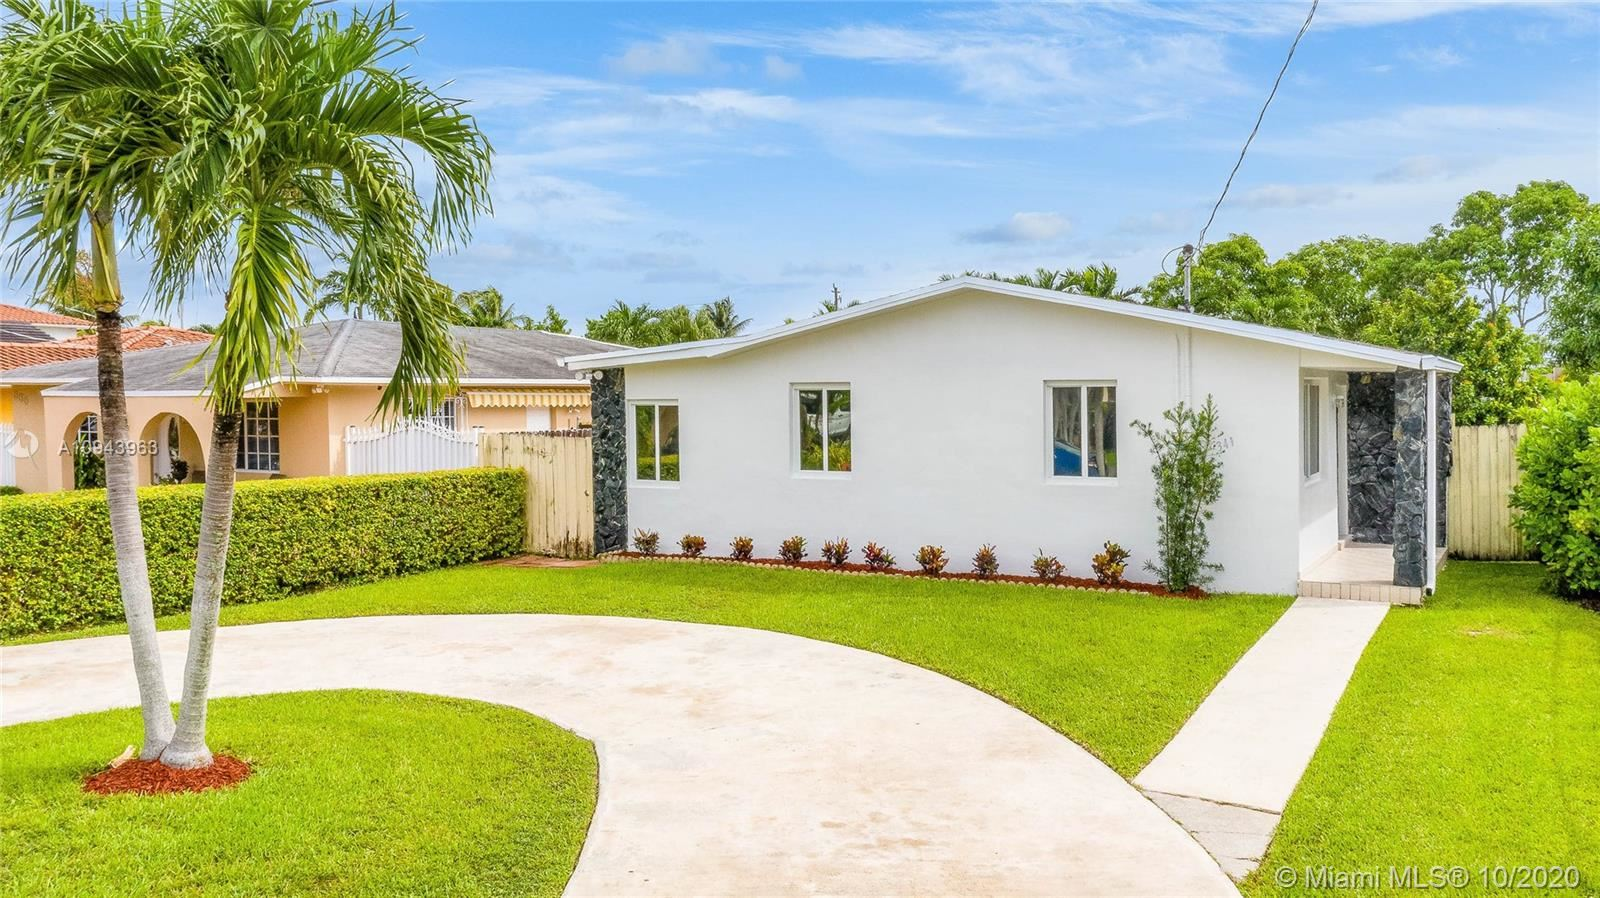 341 SW 121st Ave, Miami, FL 33184 - #: A10943963